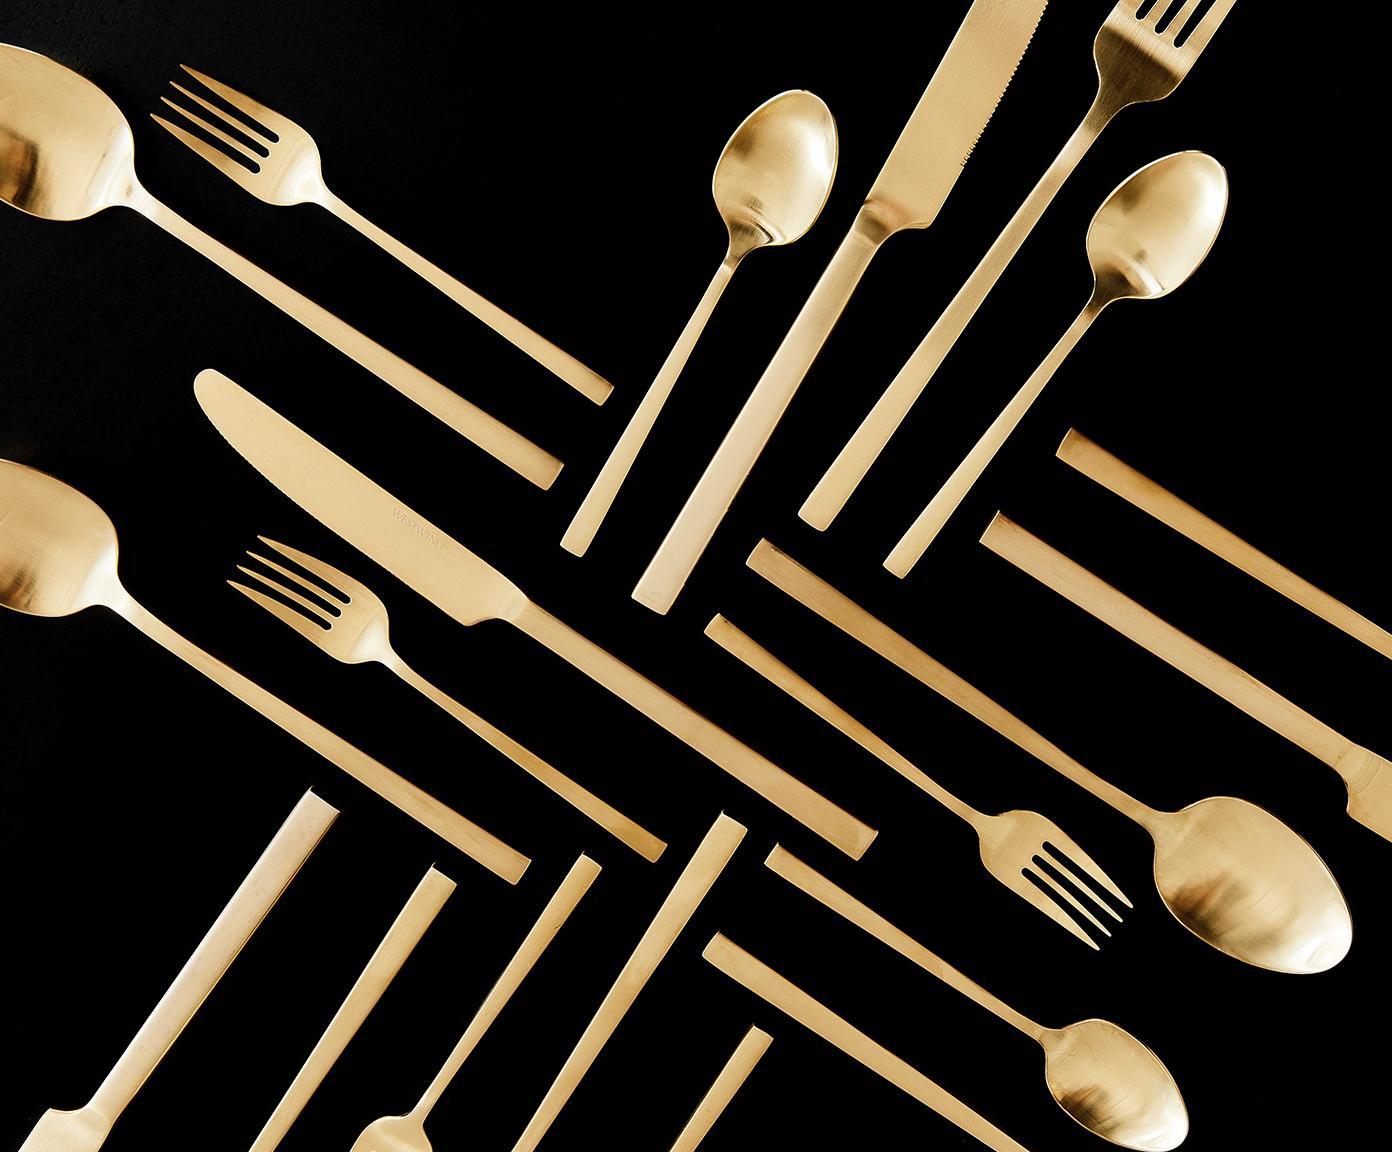 Goudkleurige bestekset Shine van edelstaal, in verschillende maten, Goudkleurig, 1 persoon (5-delig)